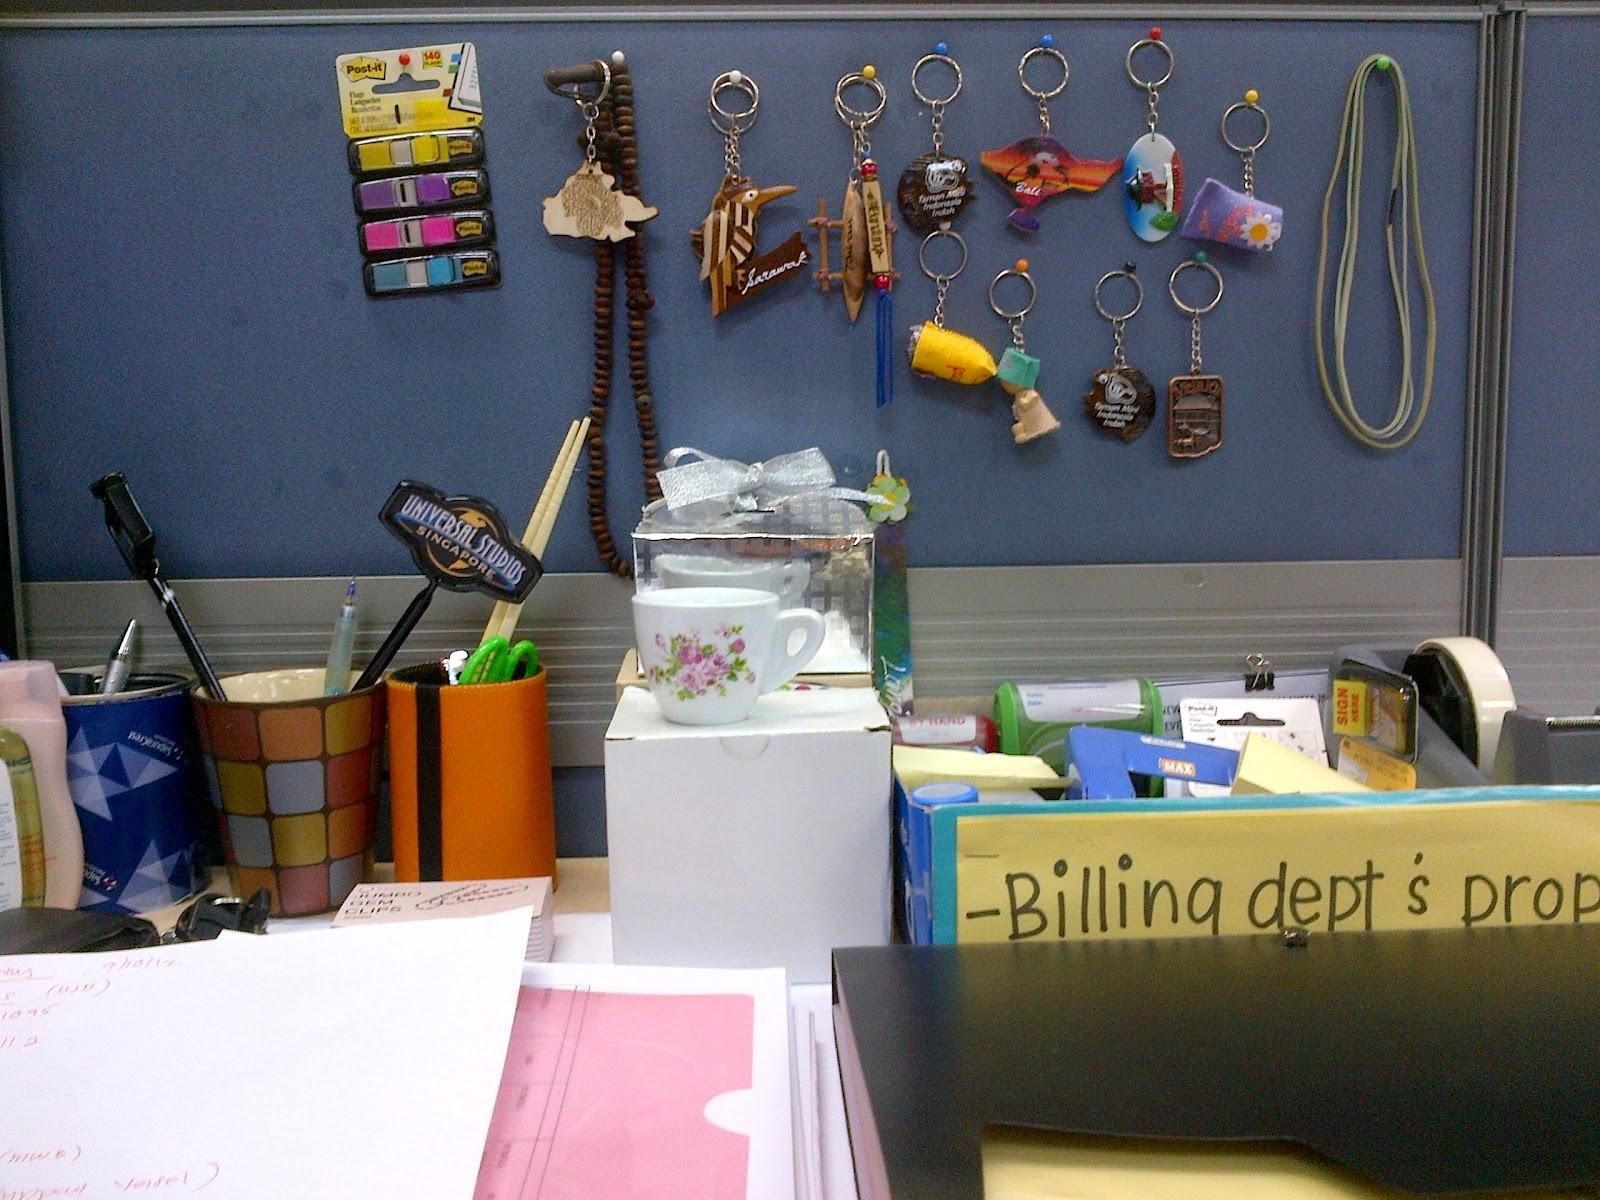 Meja Kerja Lu Orang Tu Bagi Nampak Berwarna Warni Contoh Hias Dengan Fridge Magnet Keychain Dan Lain Kat Gua Banyak Hiasan Ni